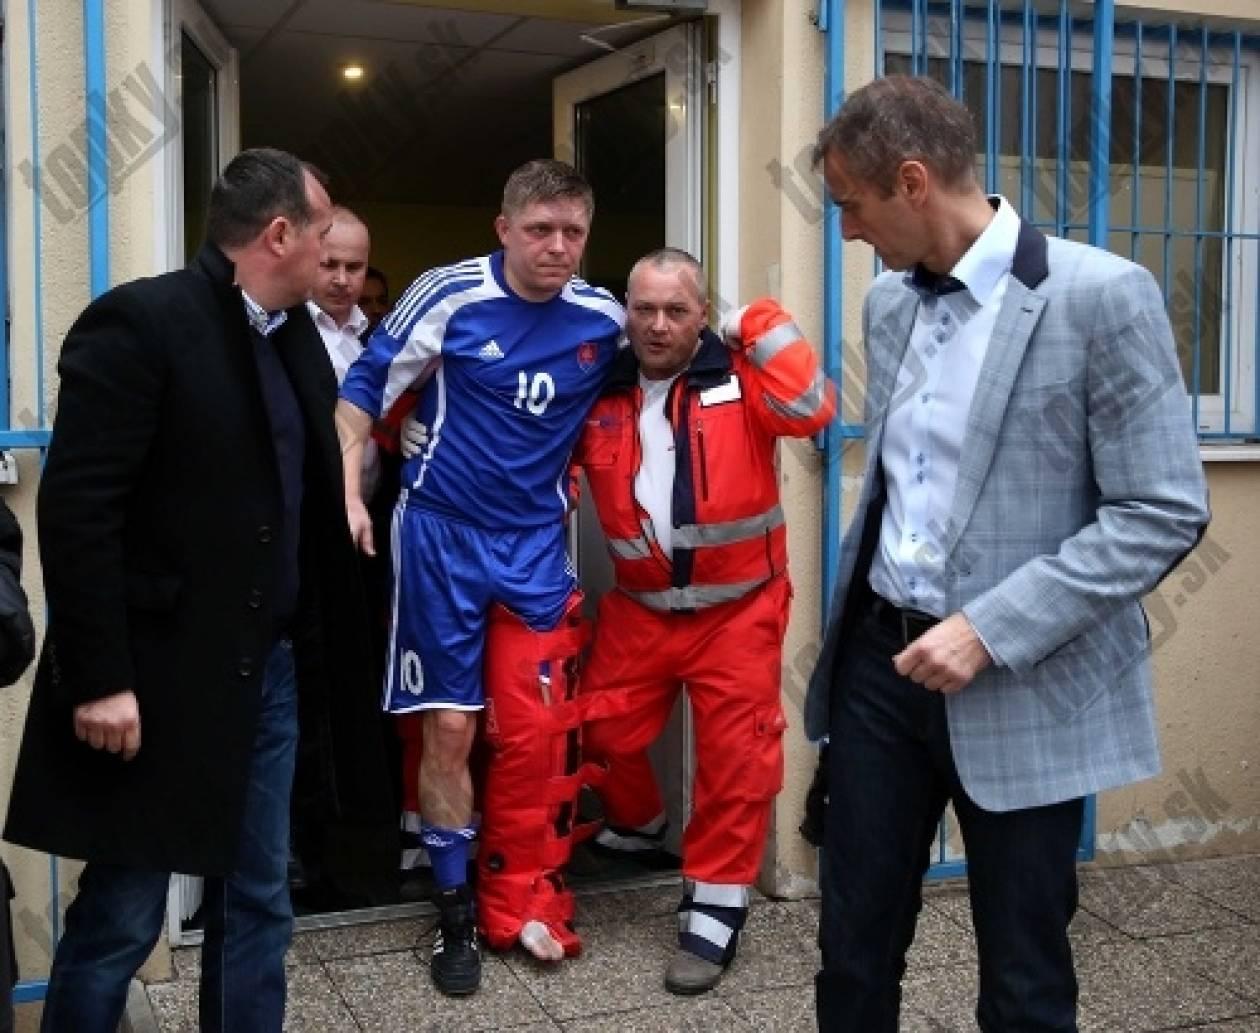 Τραυματίστηκε σε αγώνα ποδοσφαίρου ο πρωθυπουργός της Σλοβακίας (pics)